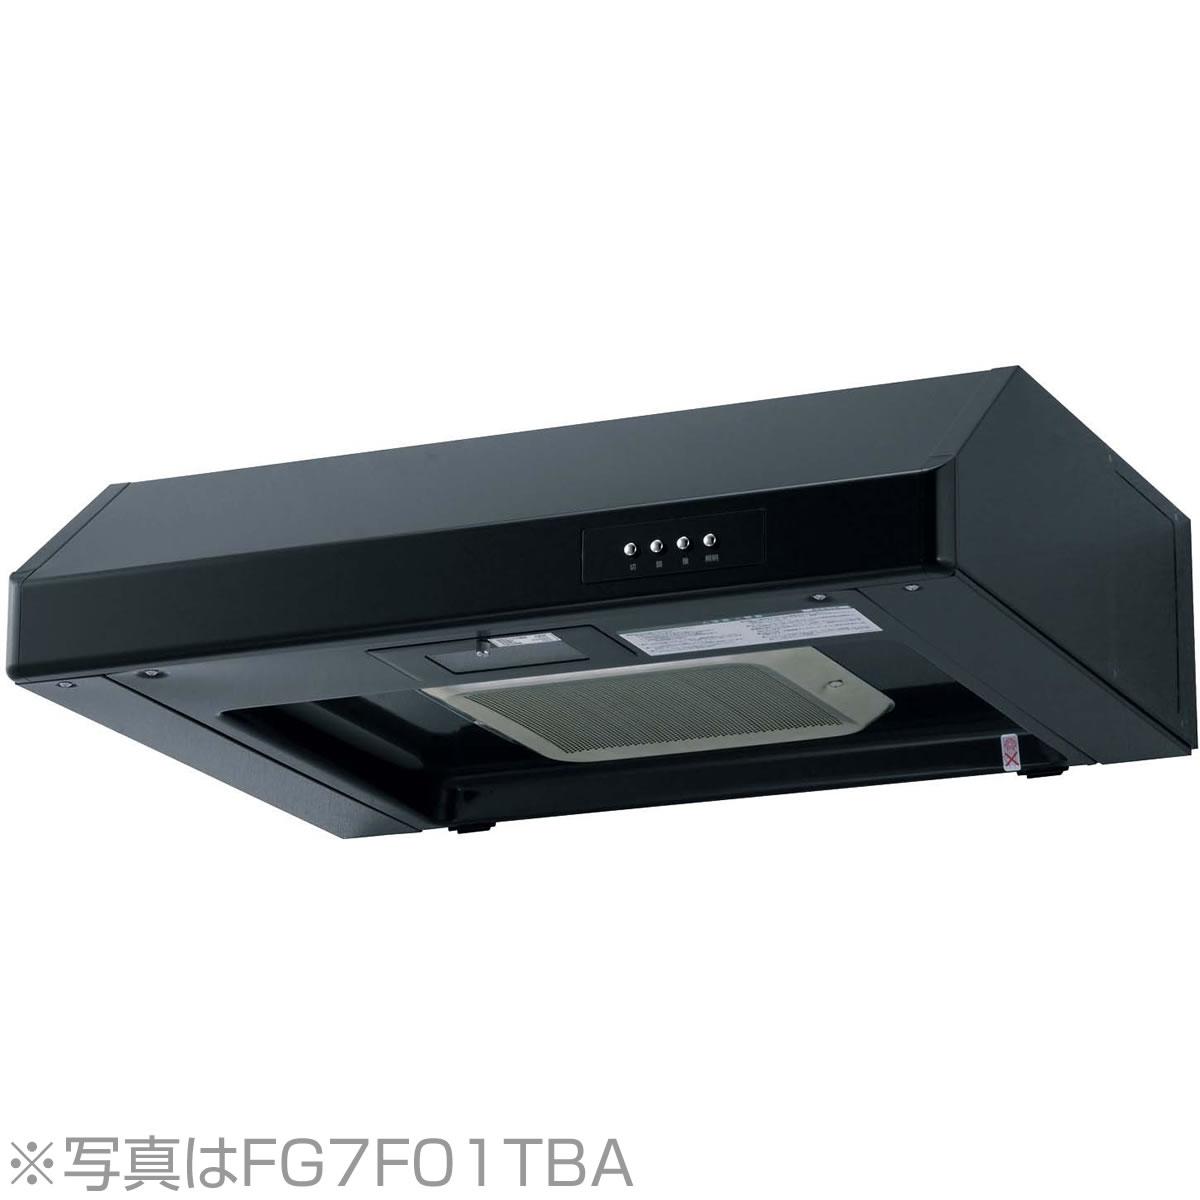 ノーリツ レンジフード 平型(ターボファン) 幅60cm ブラック NFG6F01TBA [フラットフード] [ハーマンFG6F01TBA]《配送タイプA》